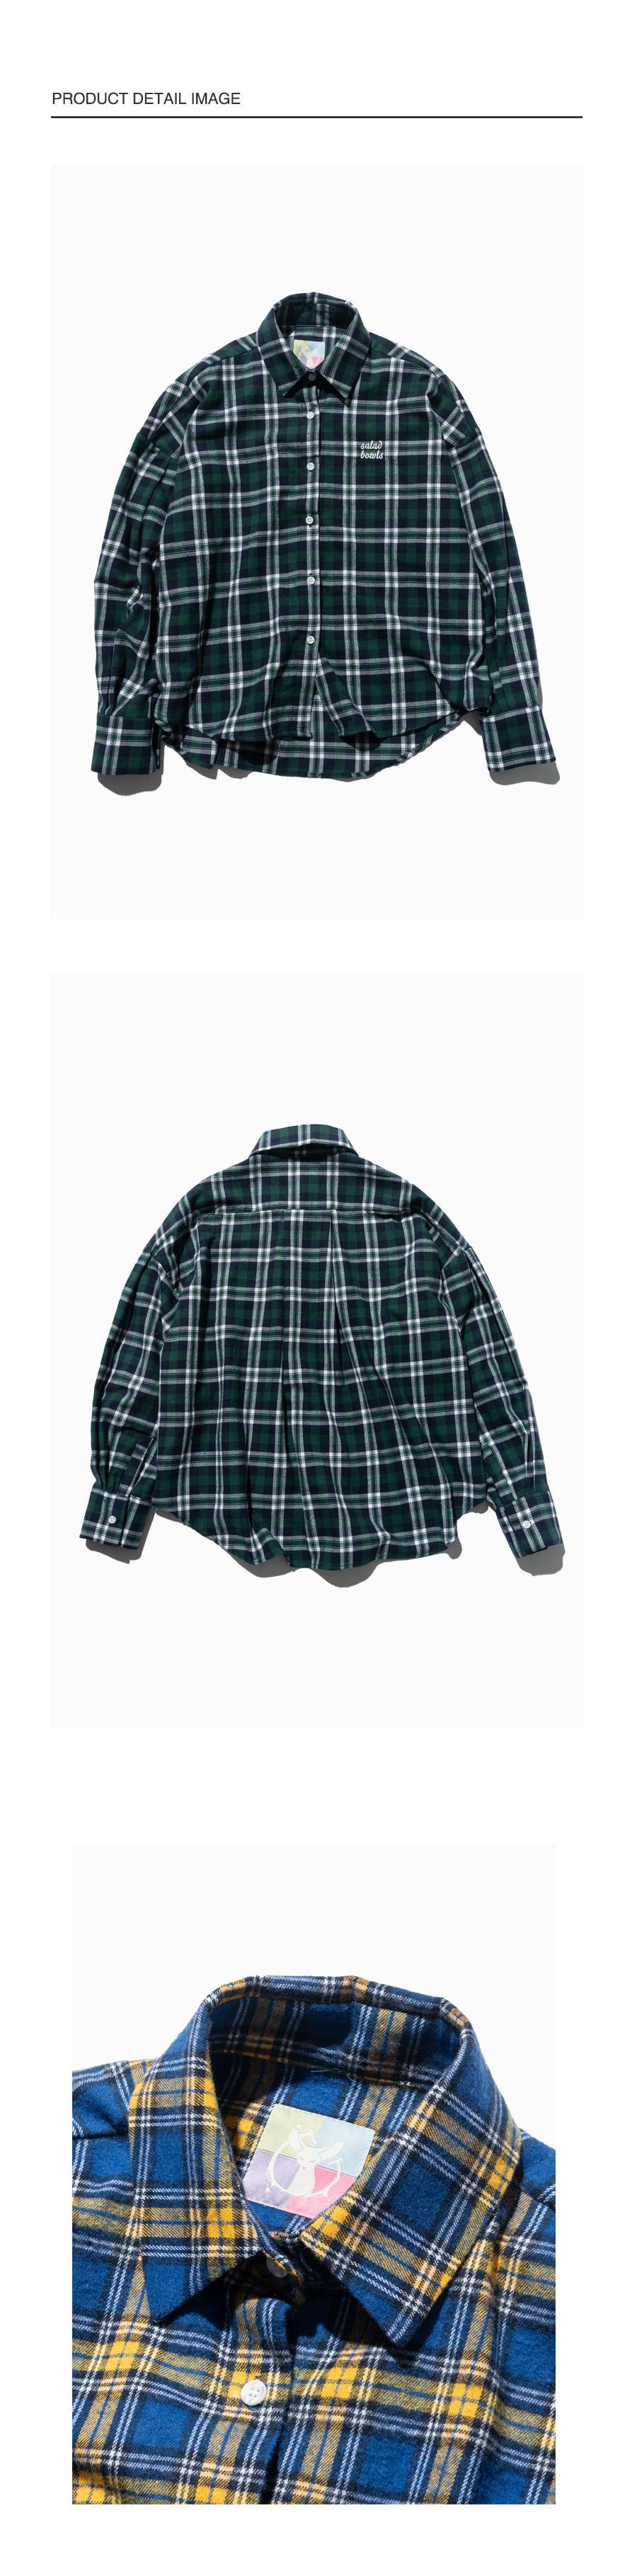 샐러드볼(SALAD BOWLS) 18 플리츠 셔츠 [그린]